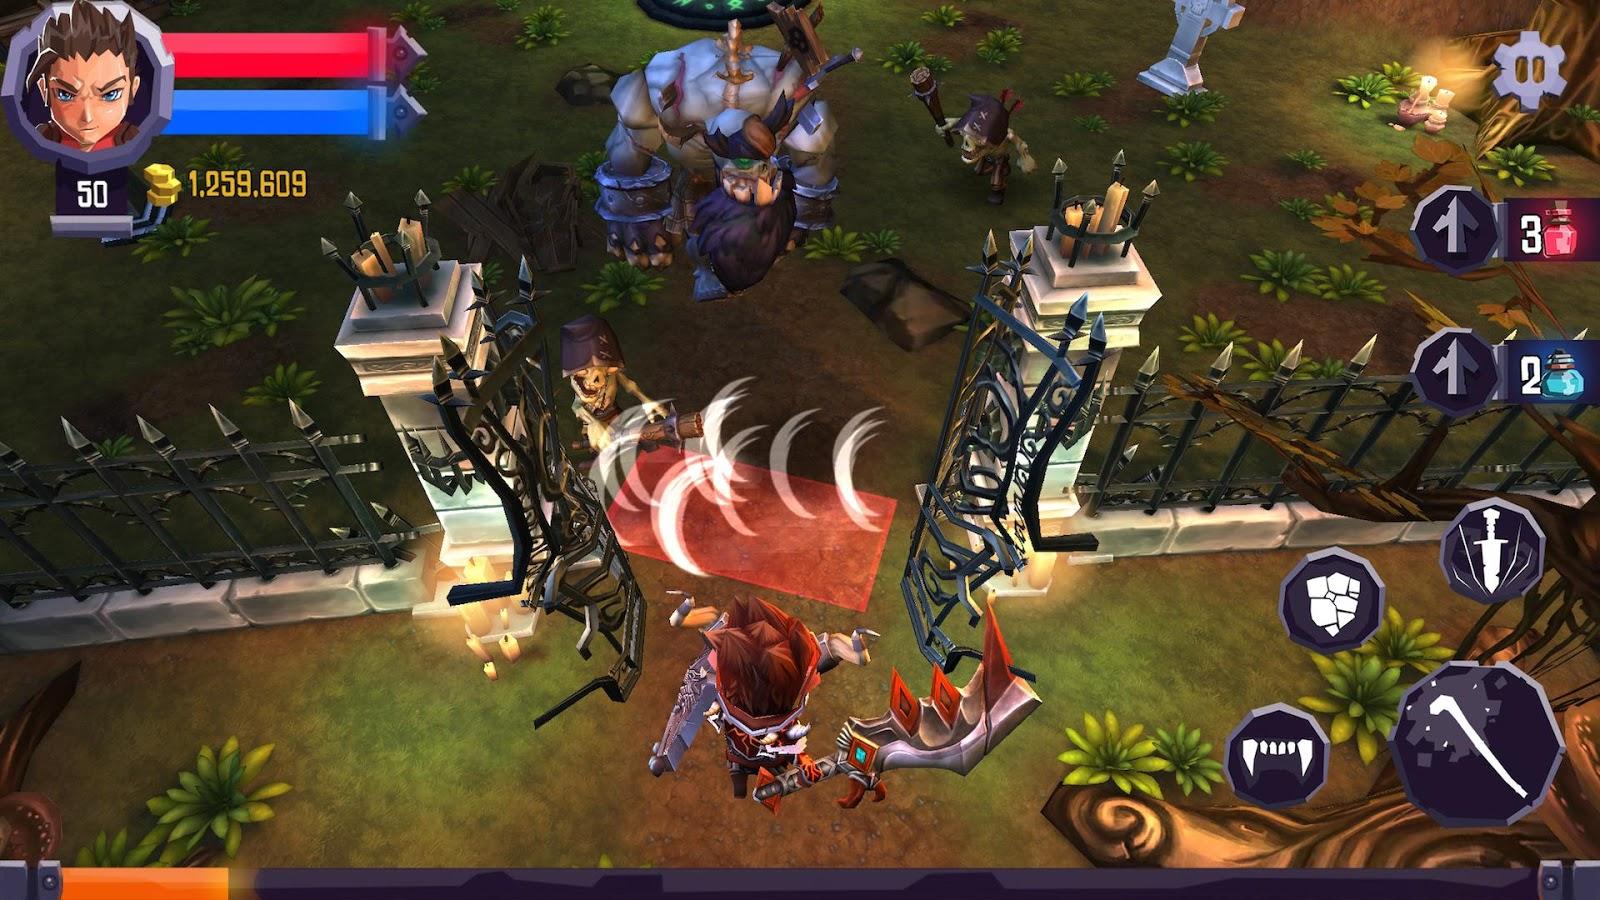 Download game rpg android mod apk offline